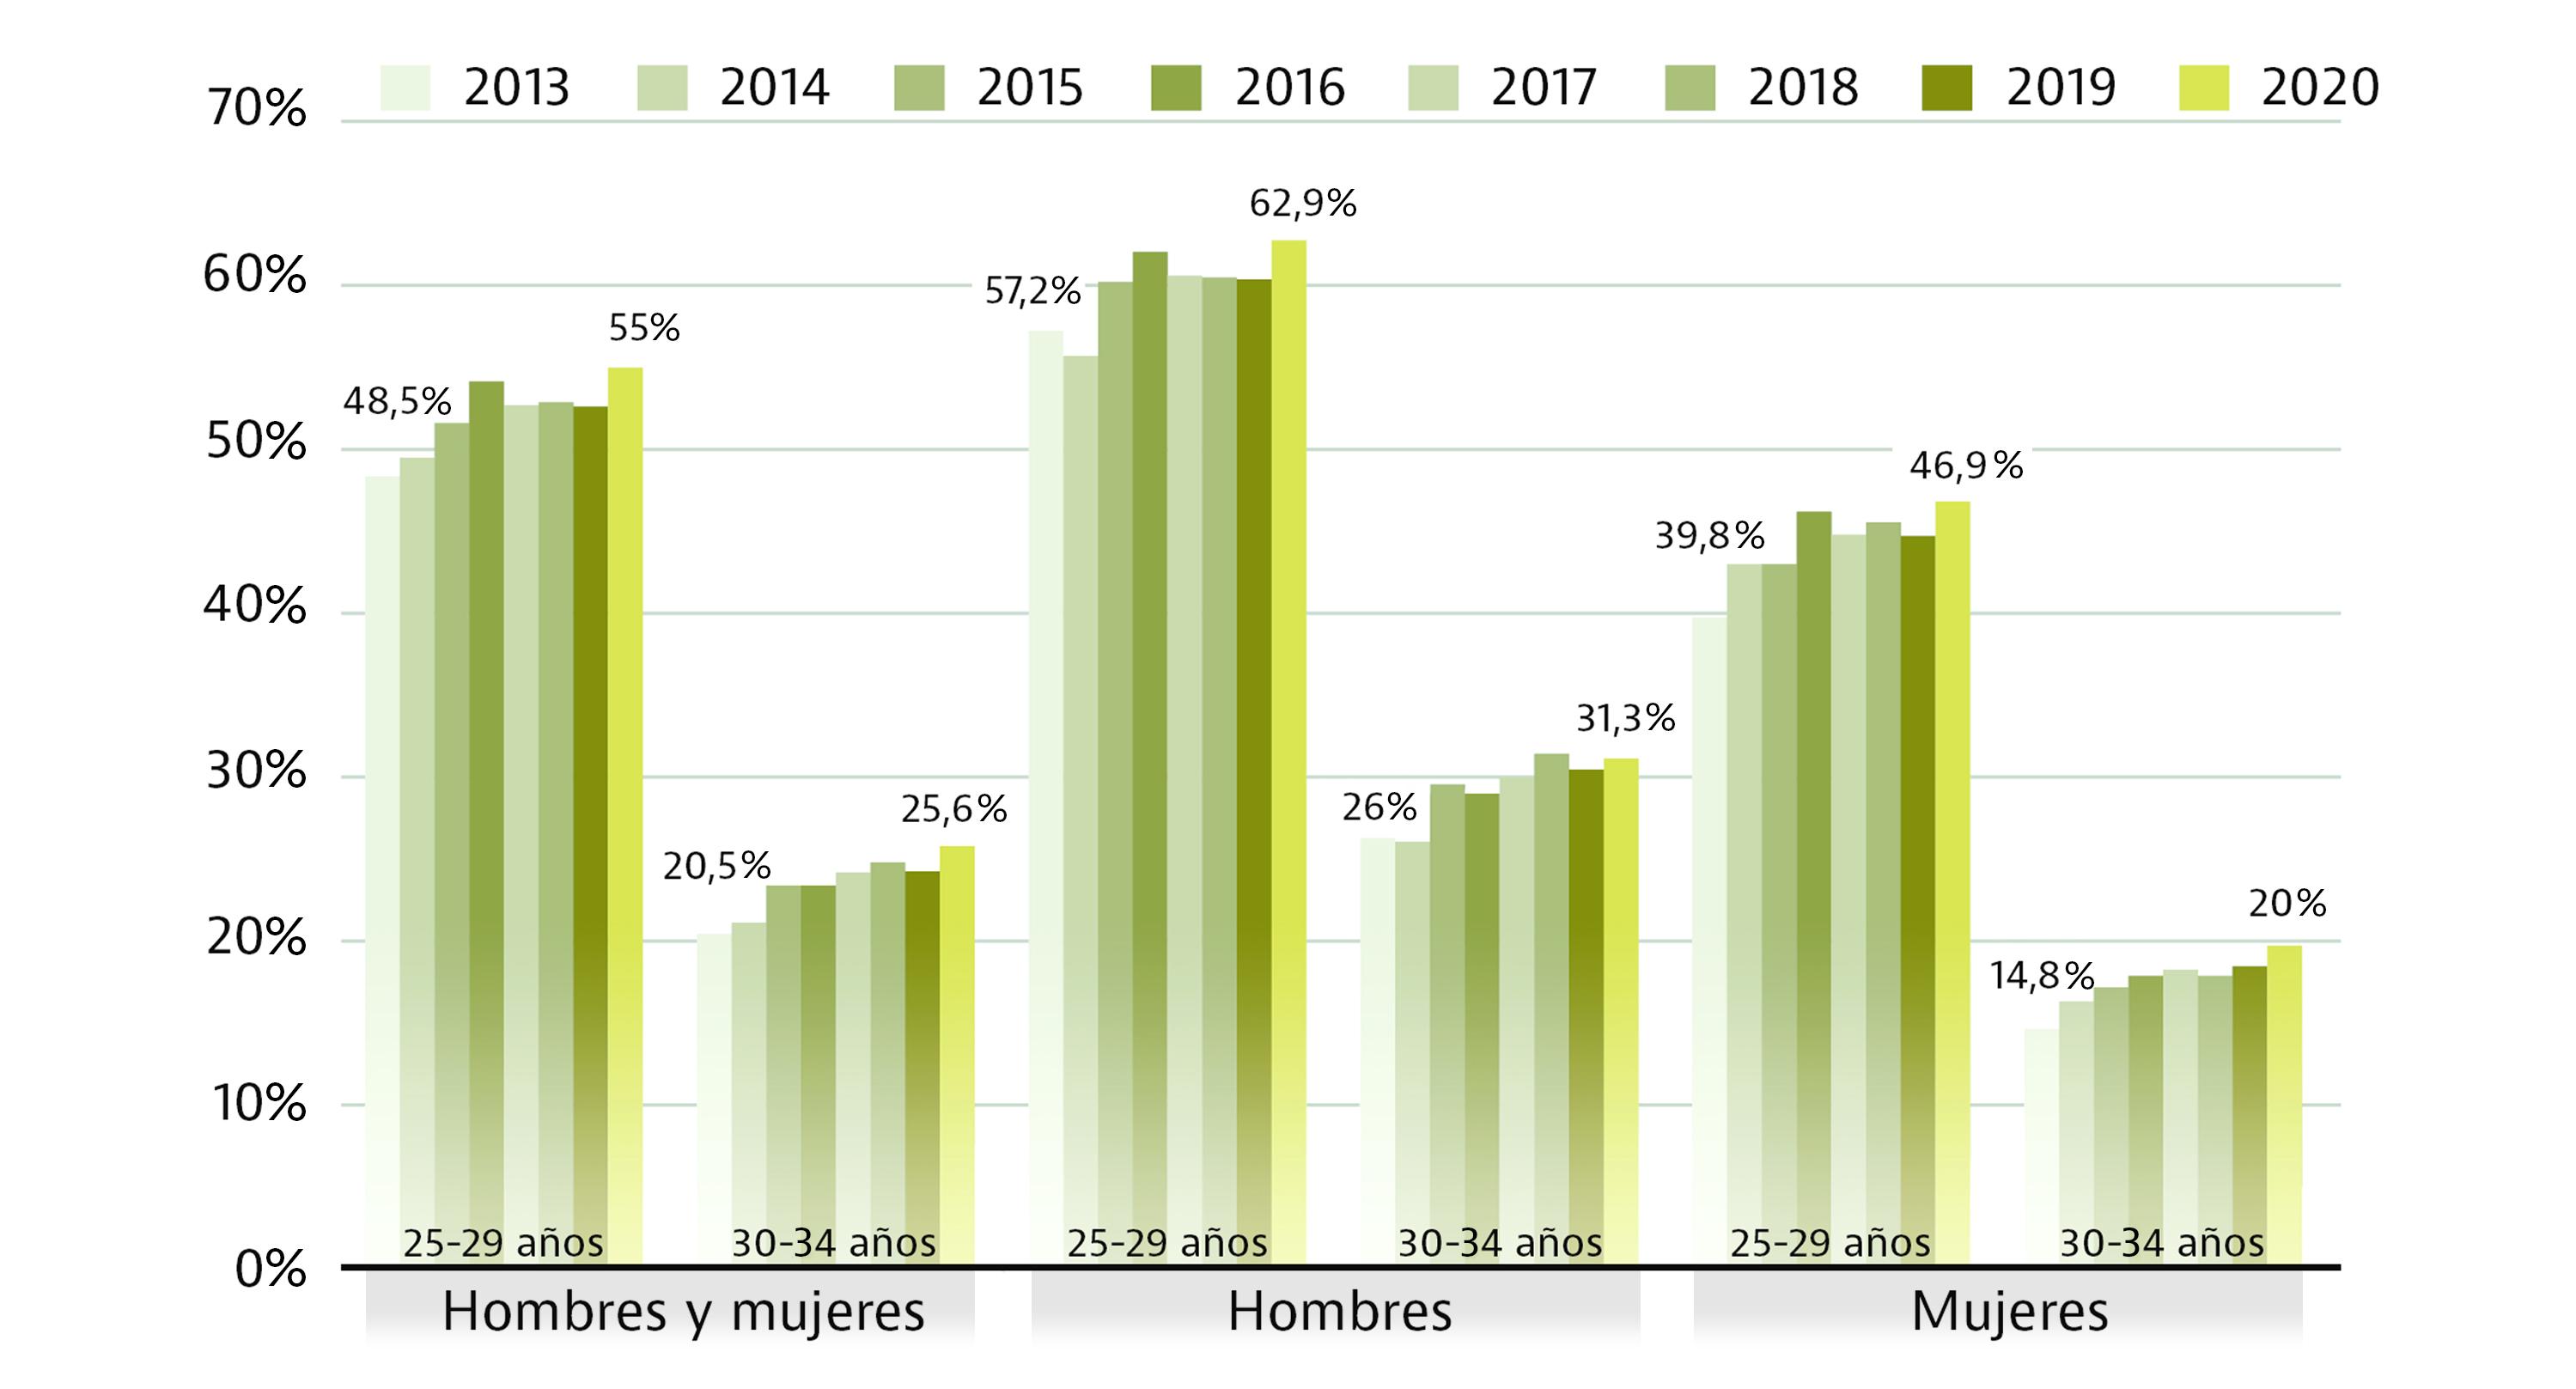 Fuente: Encuesta de hogares 2020. INE